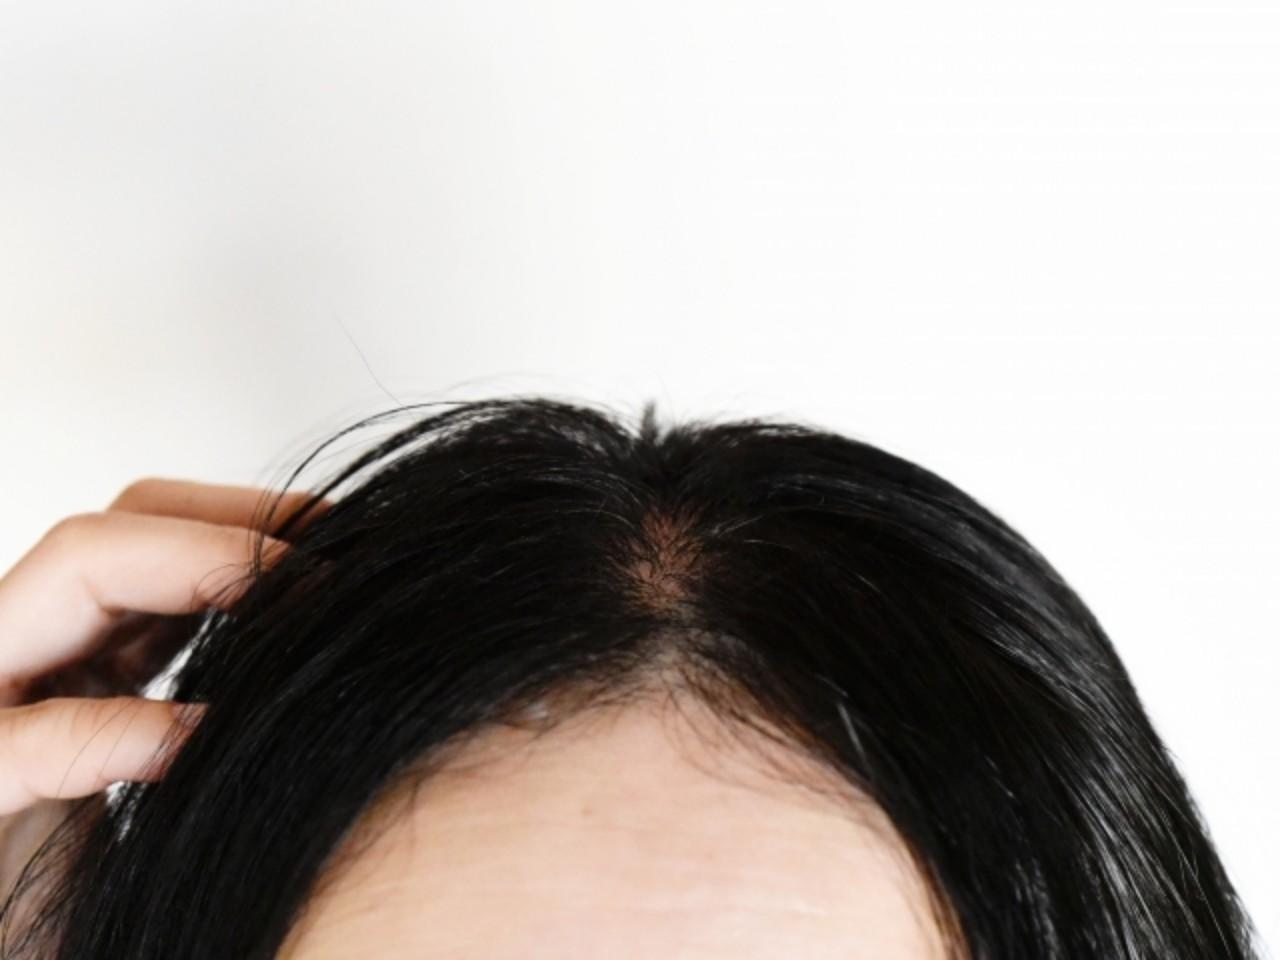 40代〜50代女性に多い薄毛・抜け毛の種類